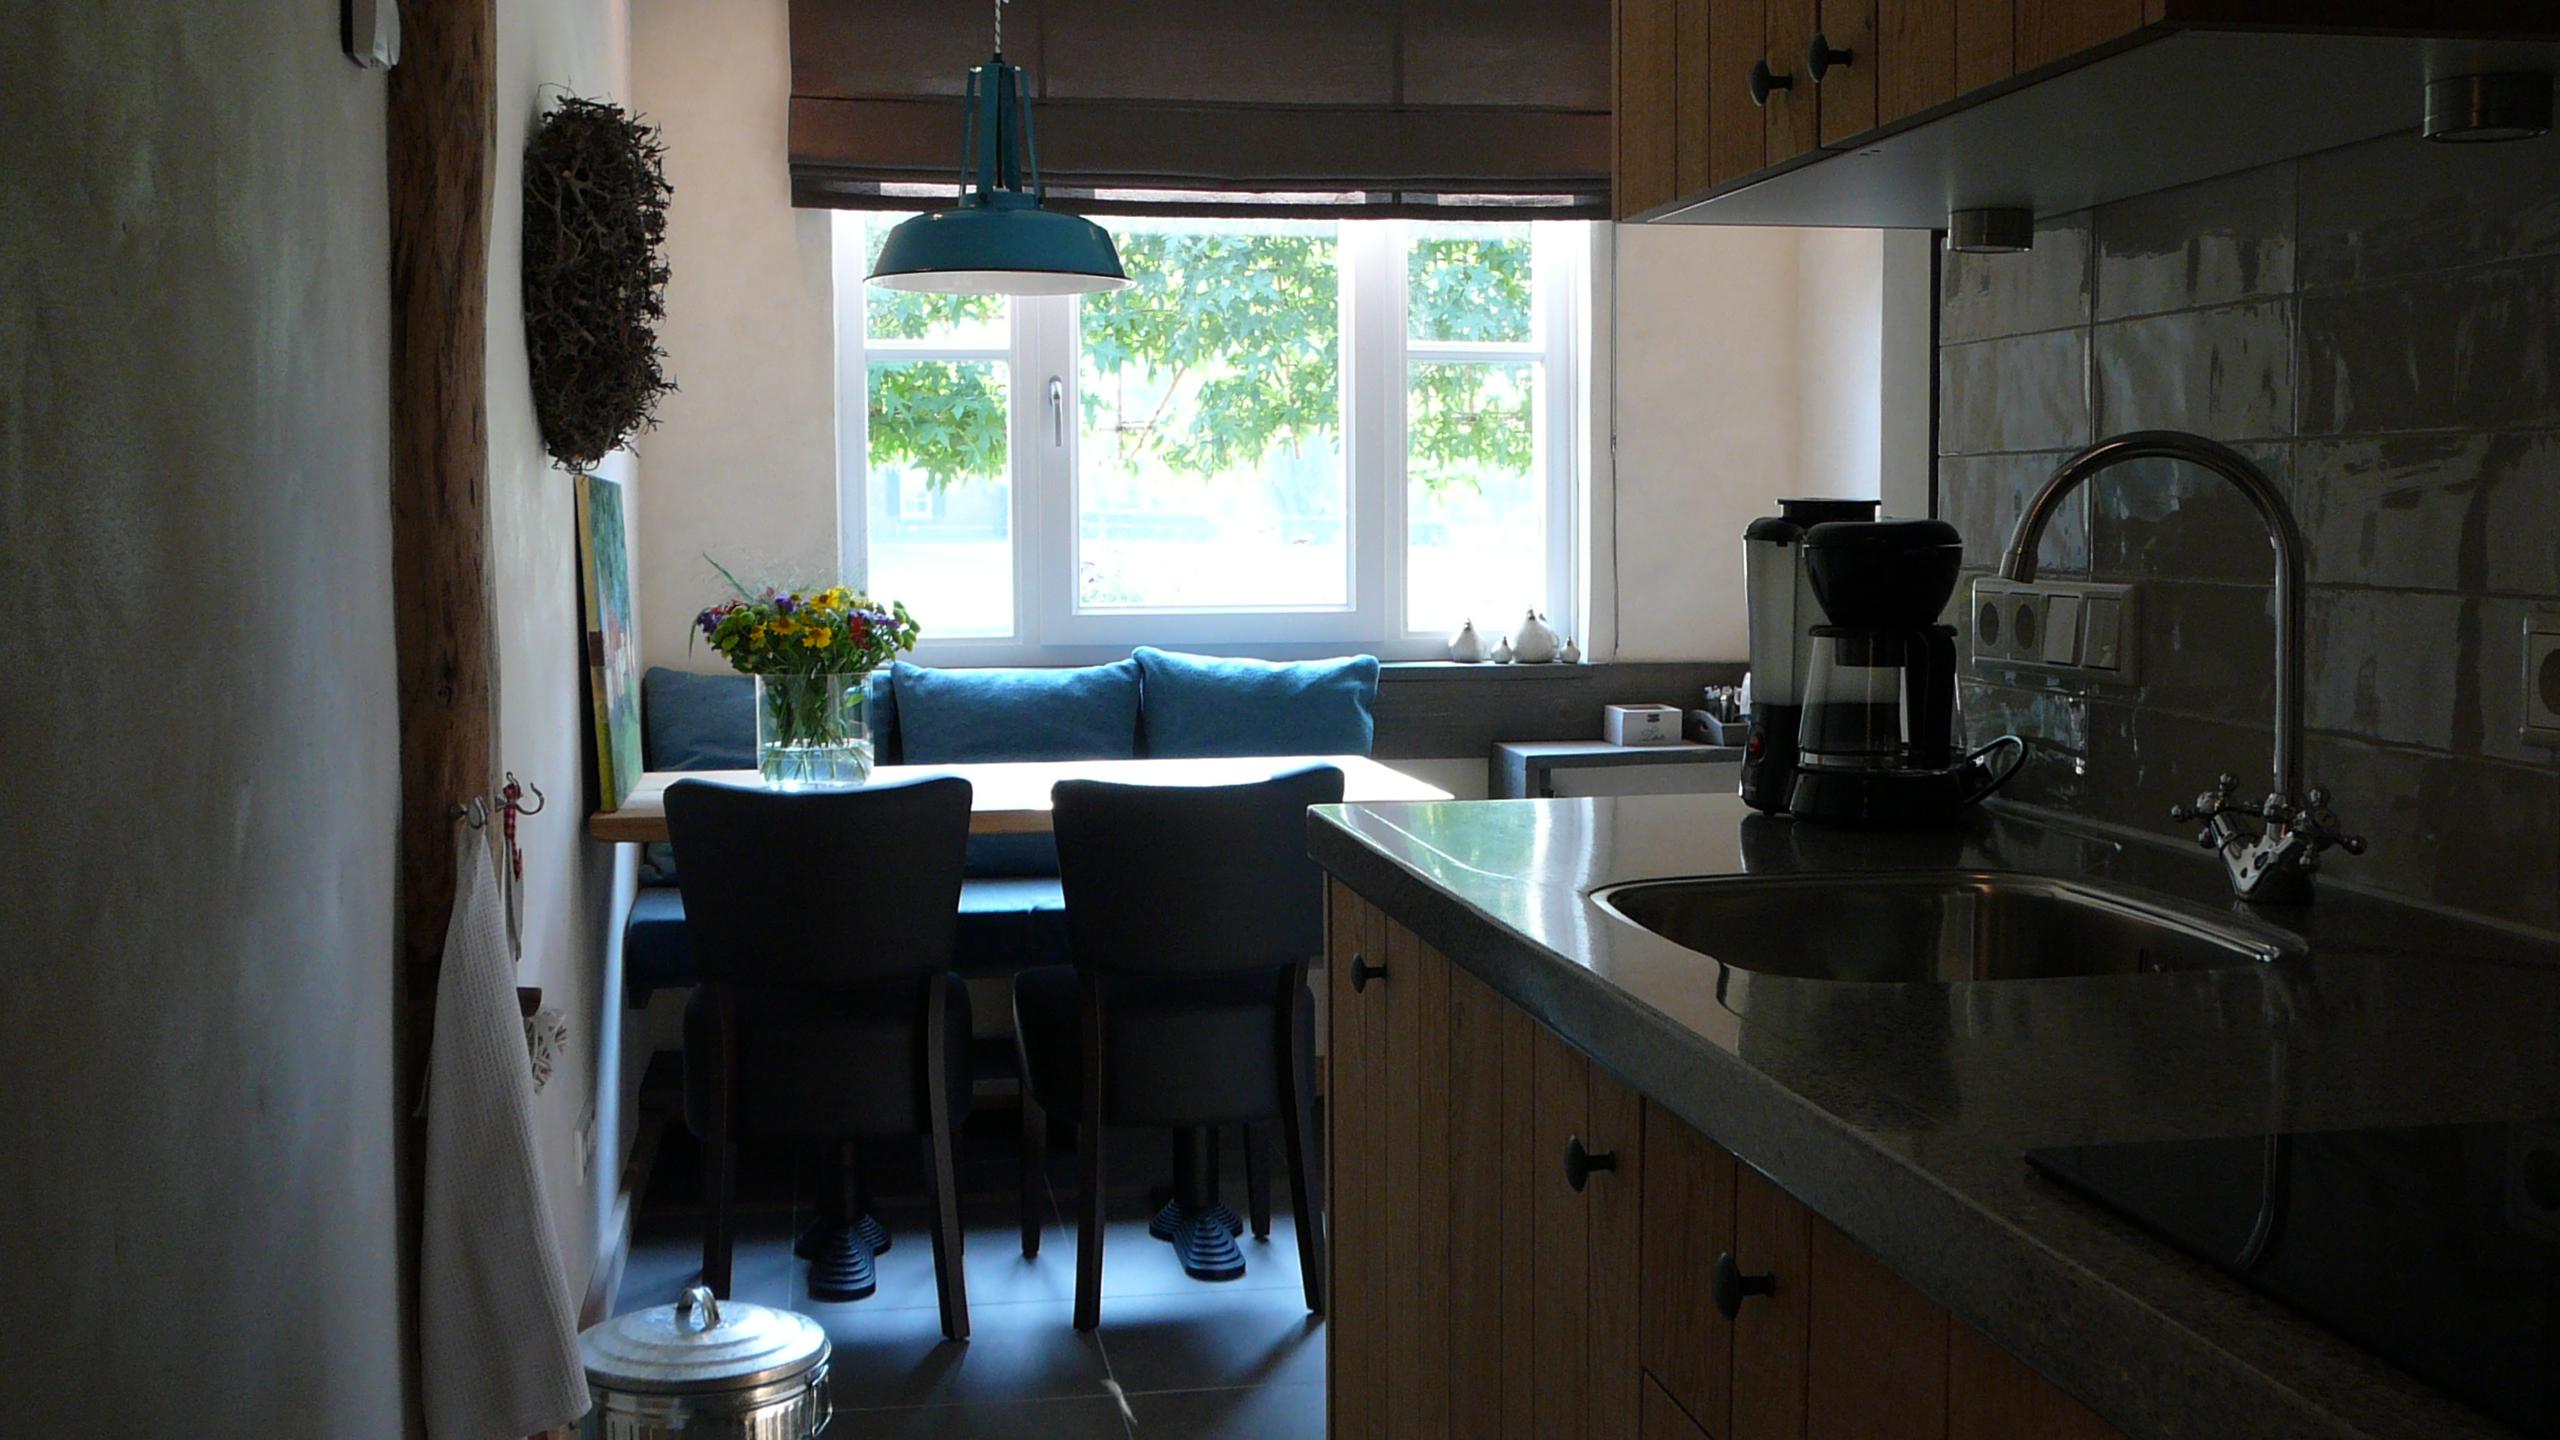 Kleine keukens ikea luxe shop the look kleine keuken met eethoek